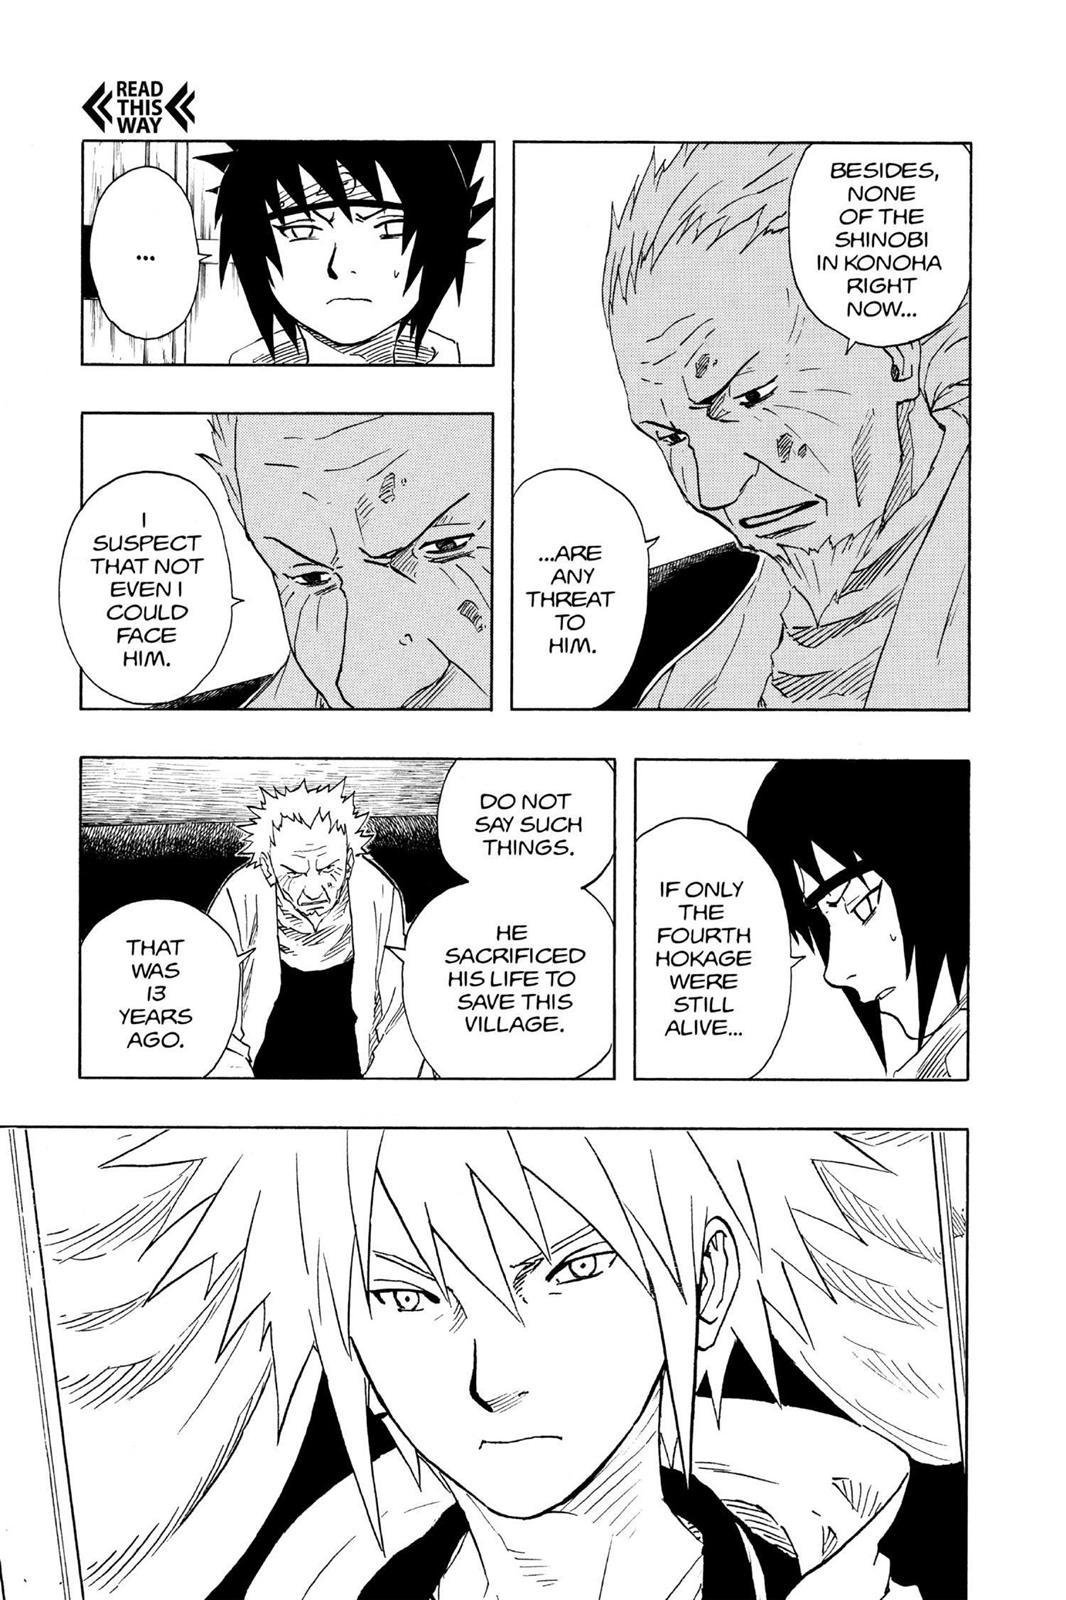 Mais poderoso do que você imagina #1: Orochimaru 0094-007